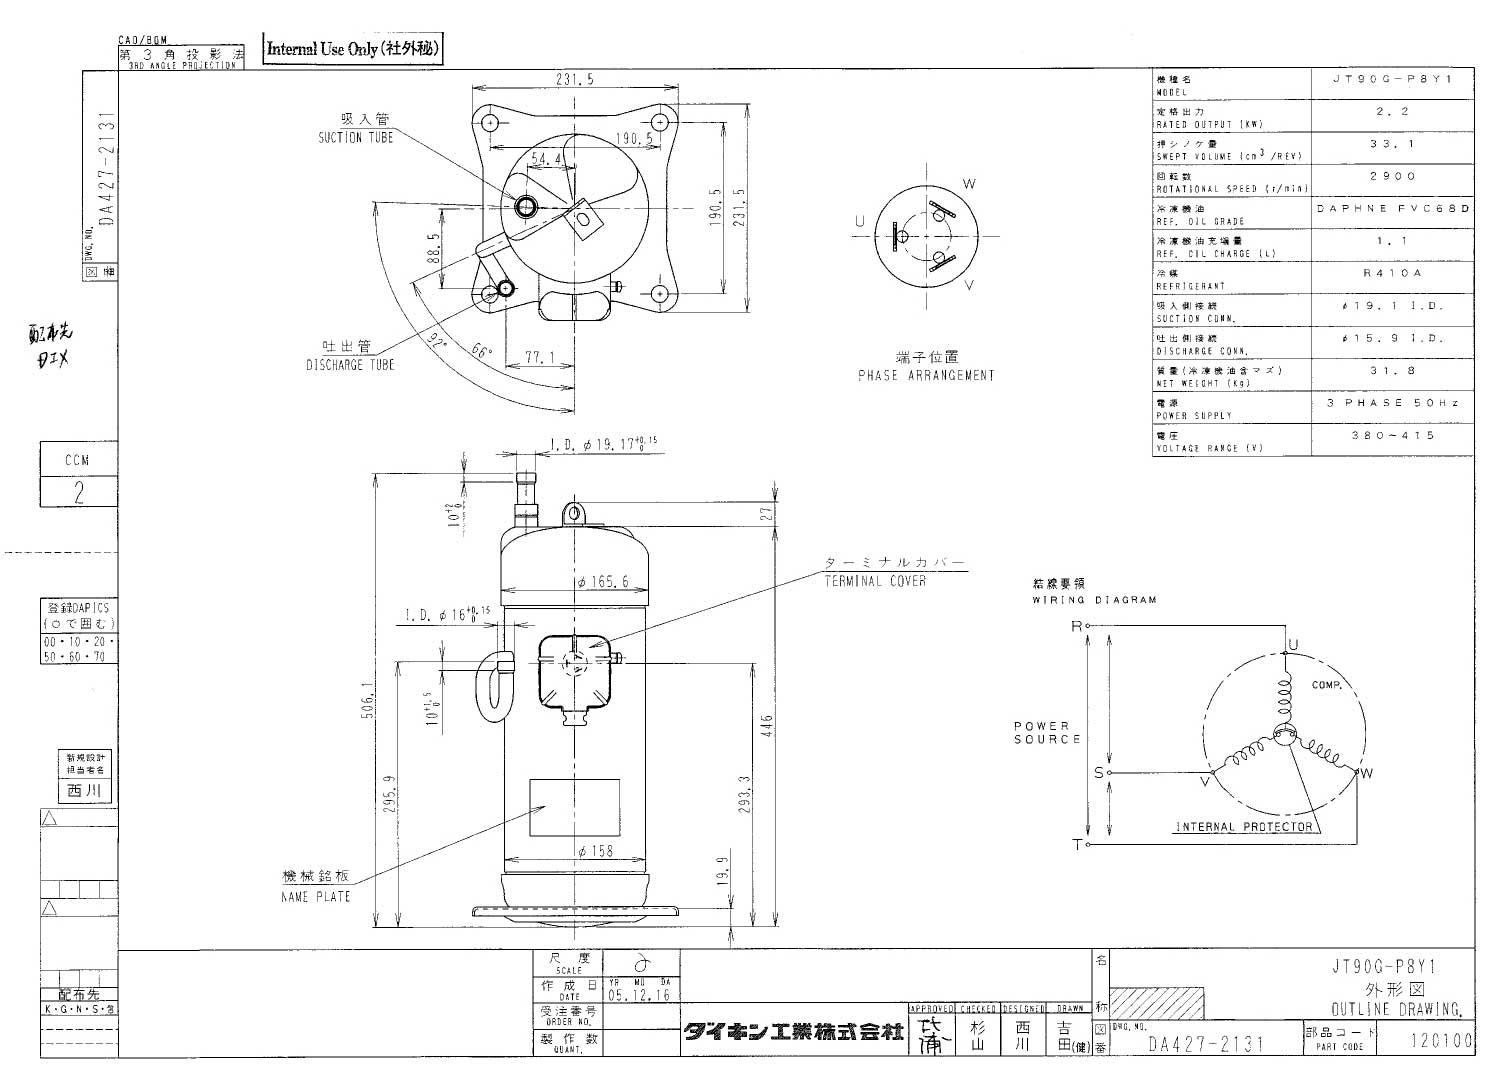 Daikin JT90G-P8Y1 характеристики